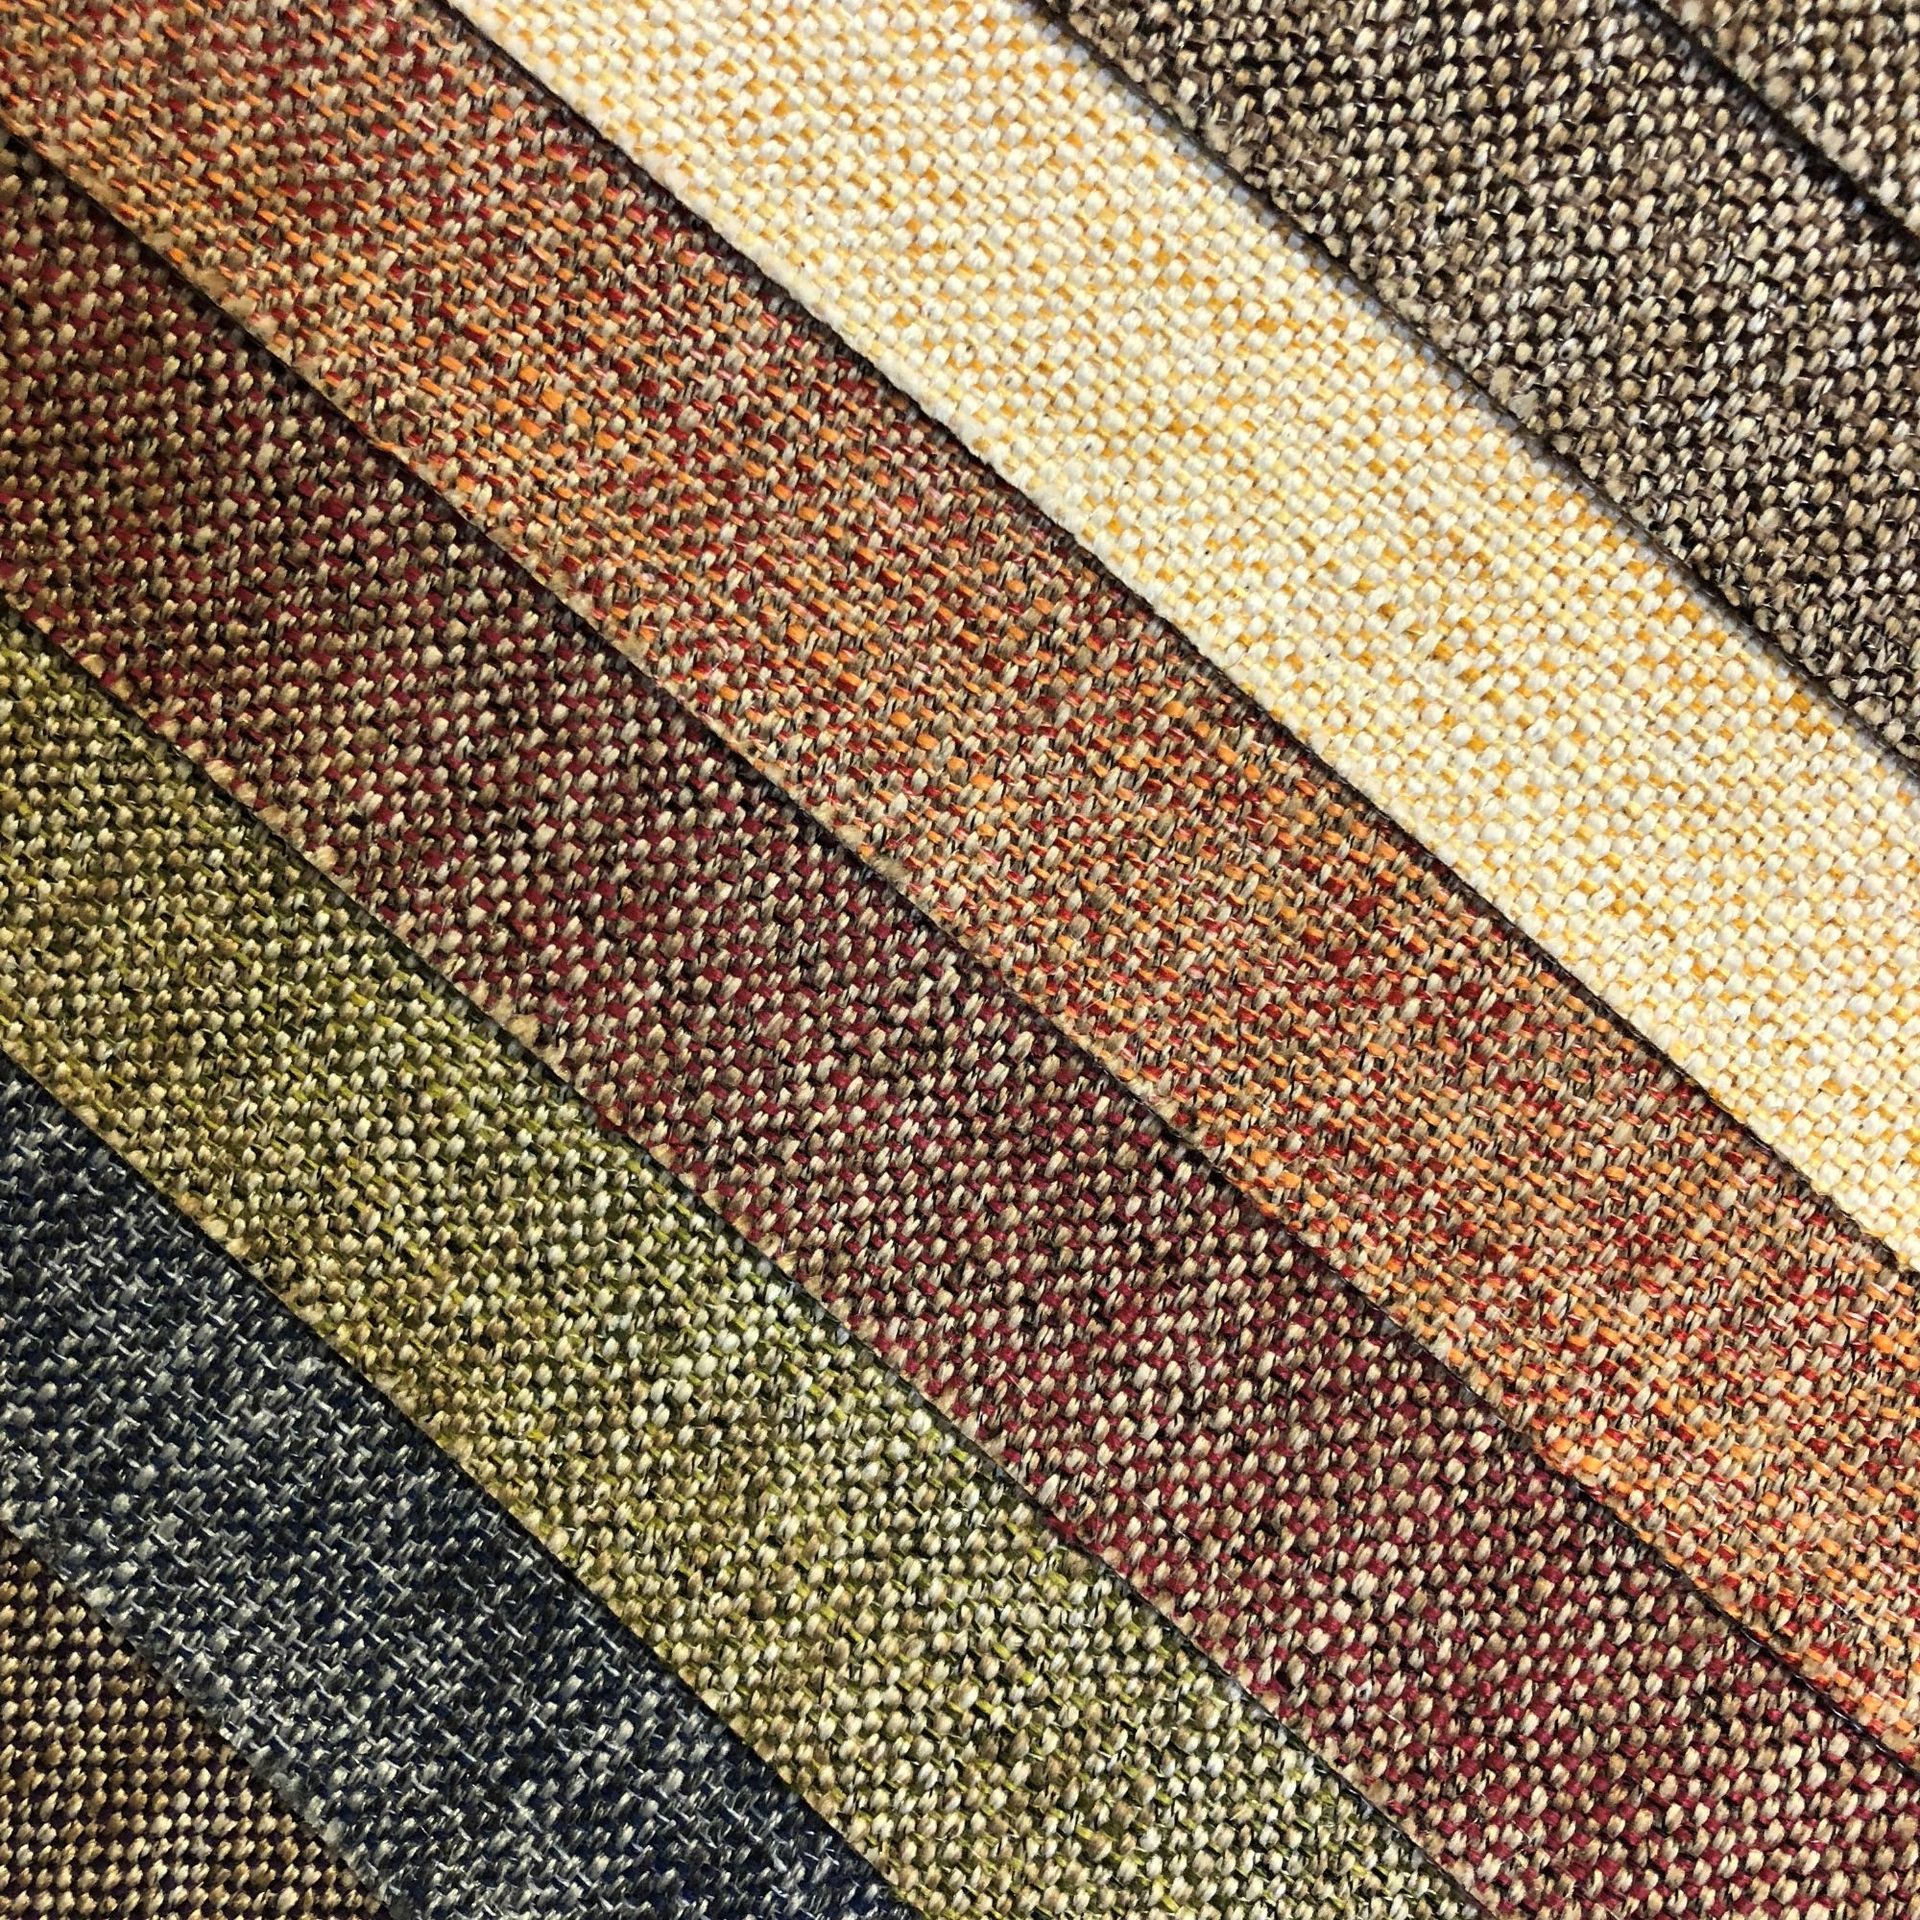 BUWEILAI Vải Cotton pha Nhà máy trực tiếp dày đồng bằng vải sofa màu cao cấp pha trộn vải lanh thô c